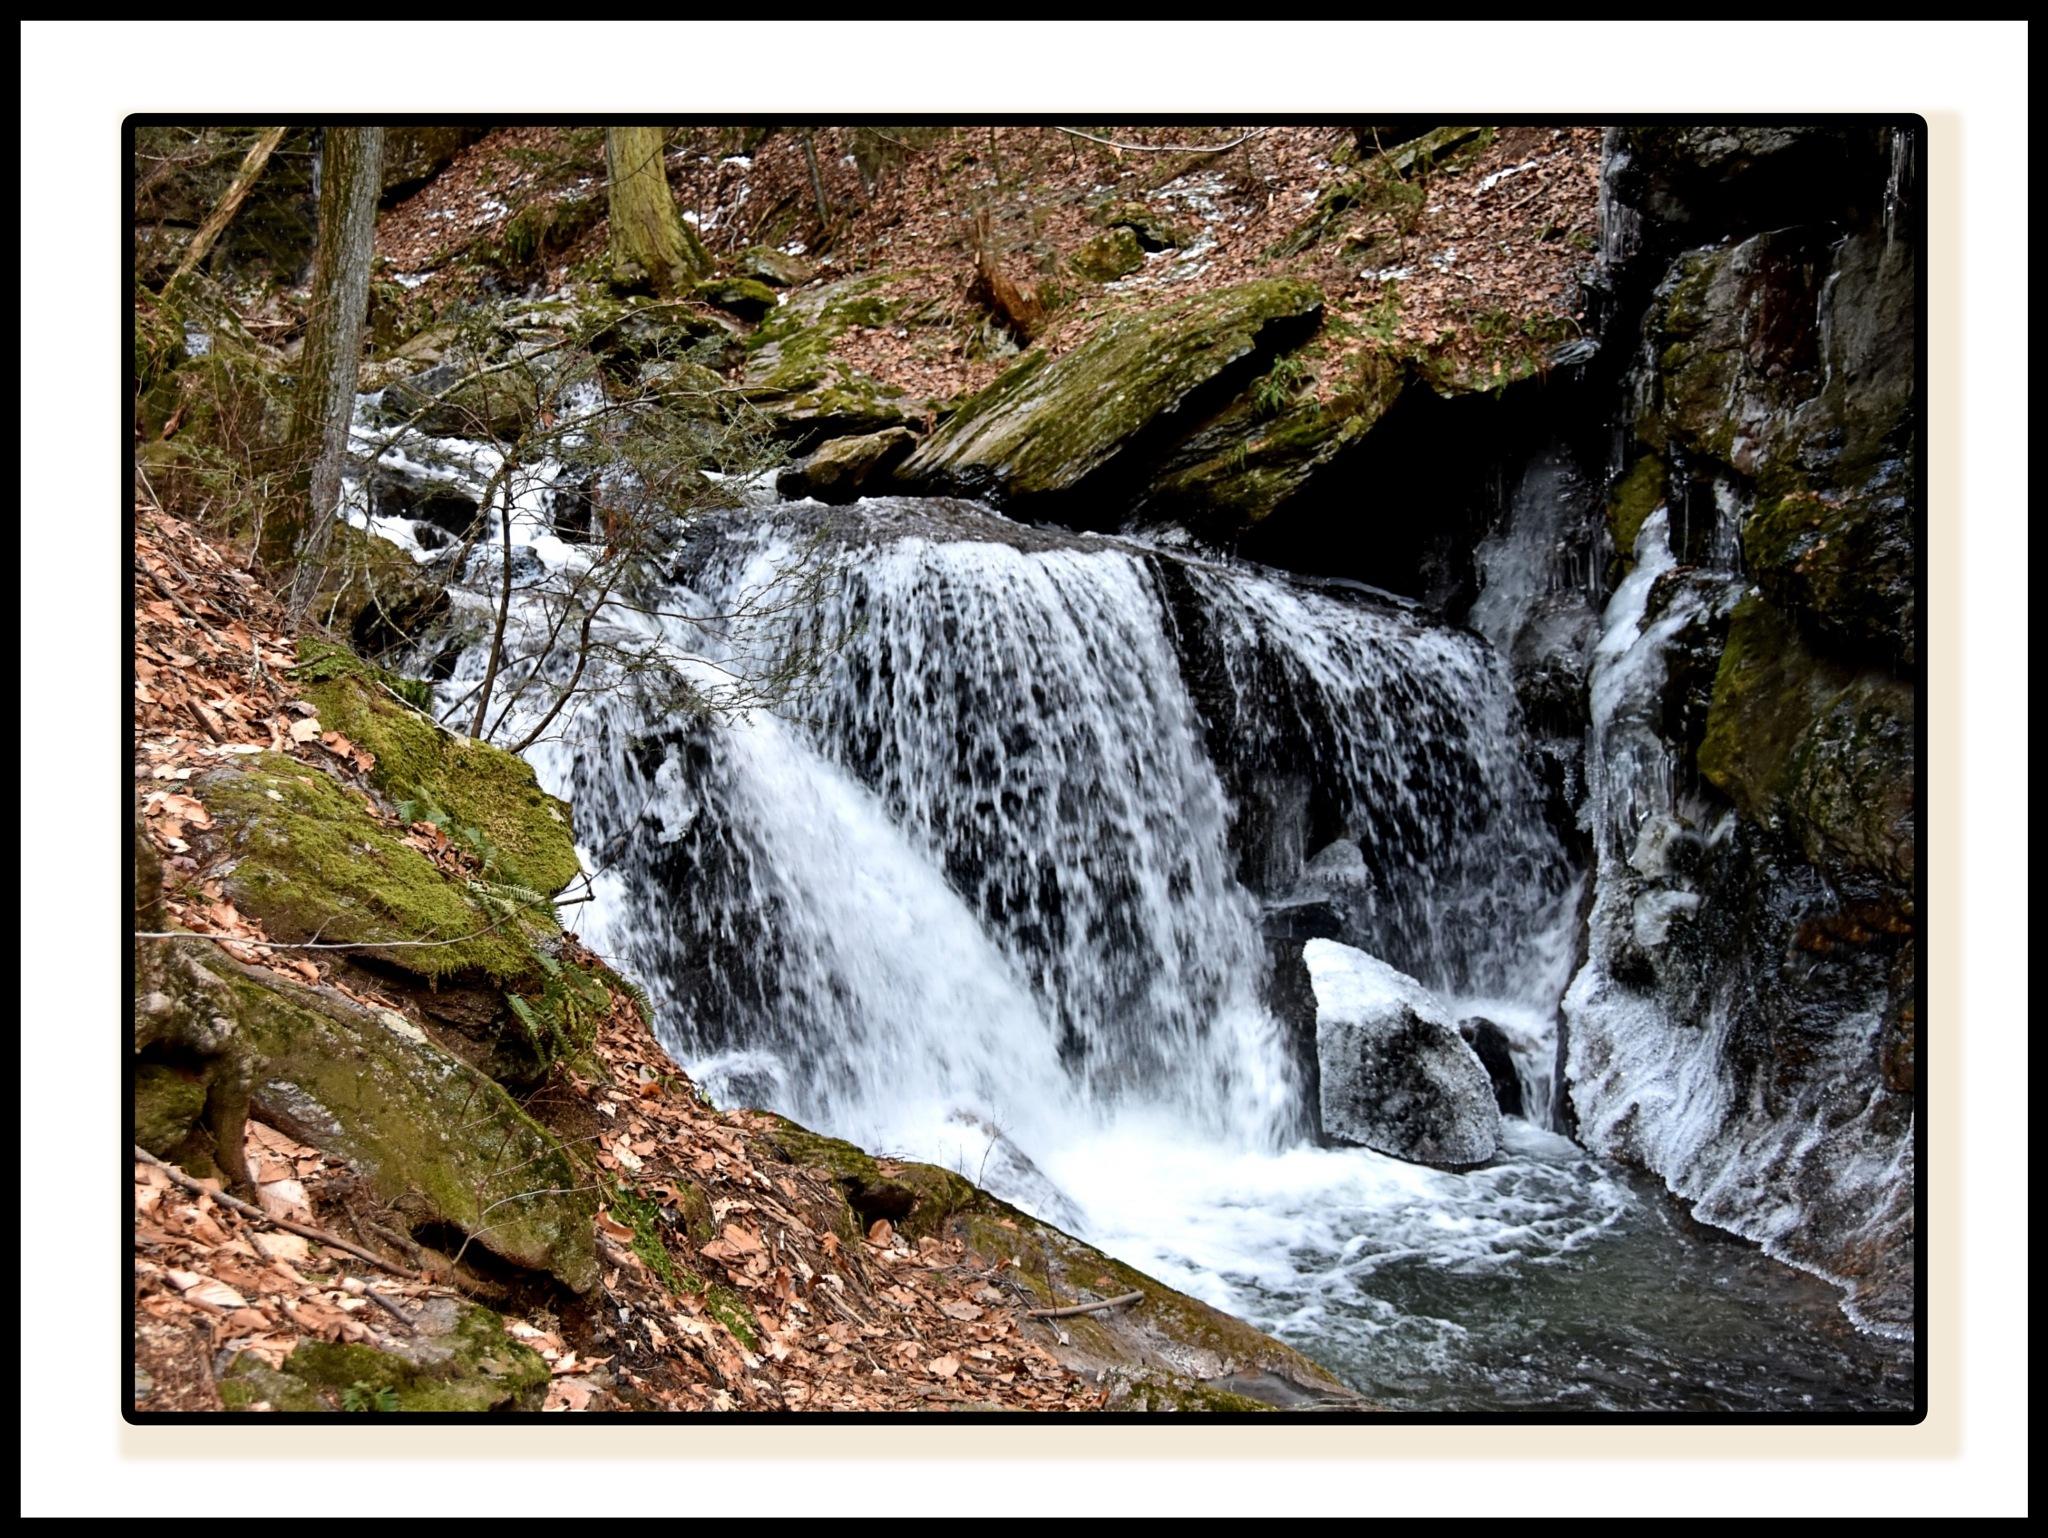 Naugatuck Falls by Joeski